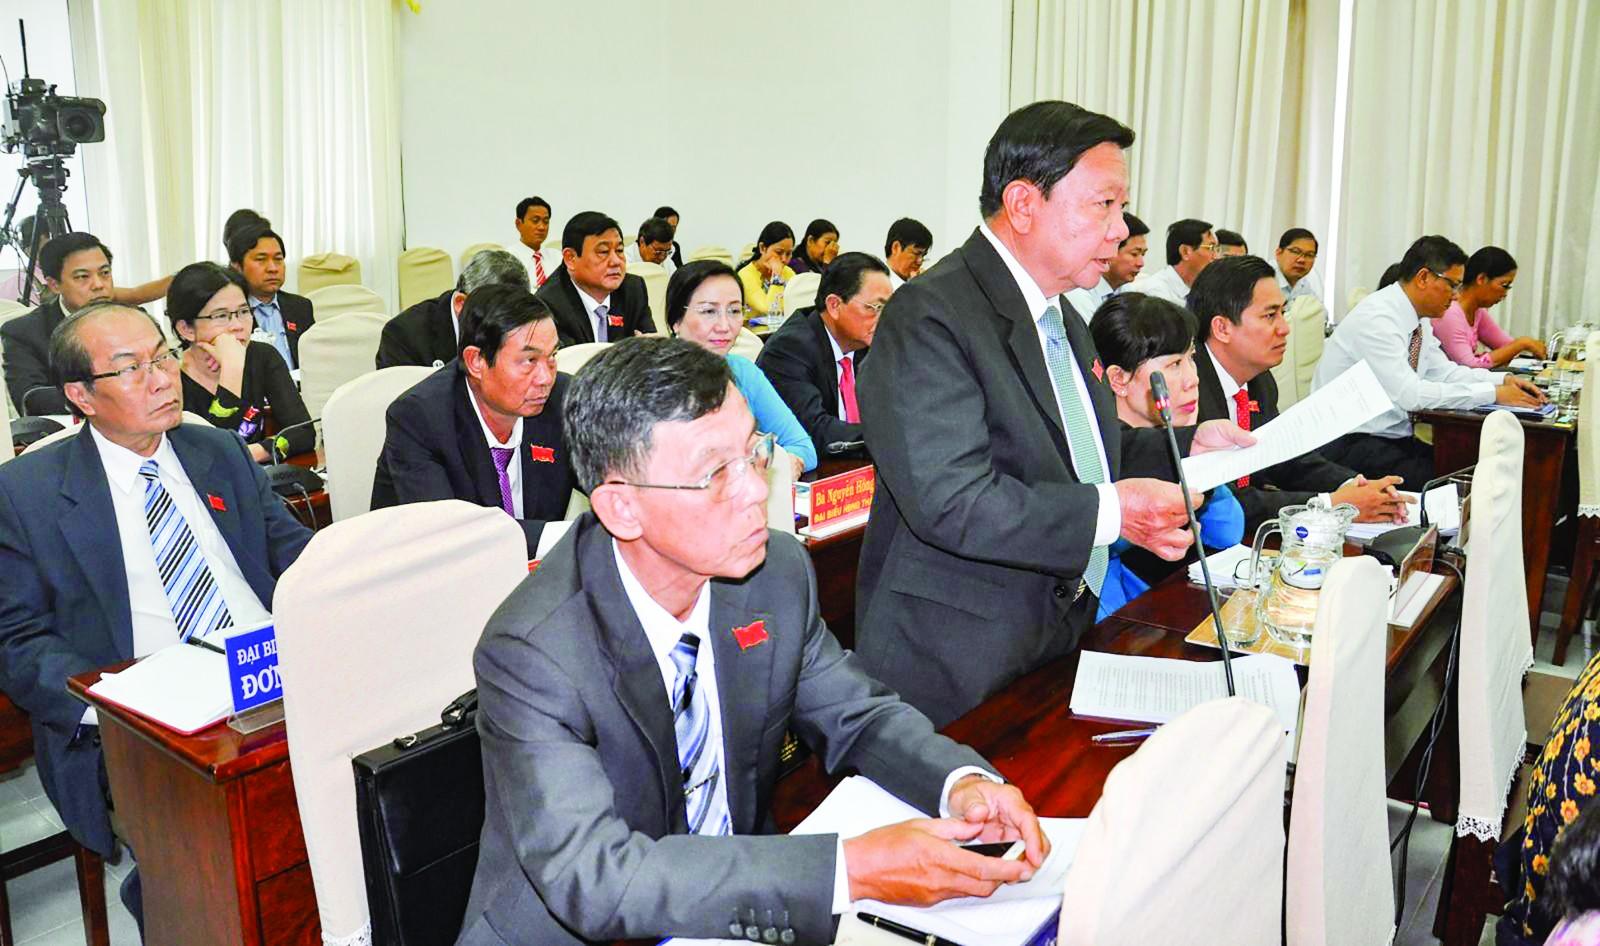 Các đại biểu HĐND thành phố chất vấn các giám đốc sở, ngành thành phố.